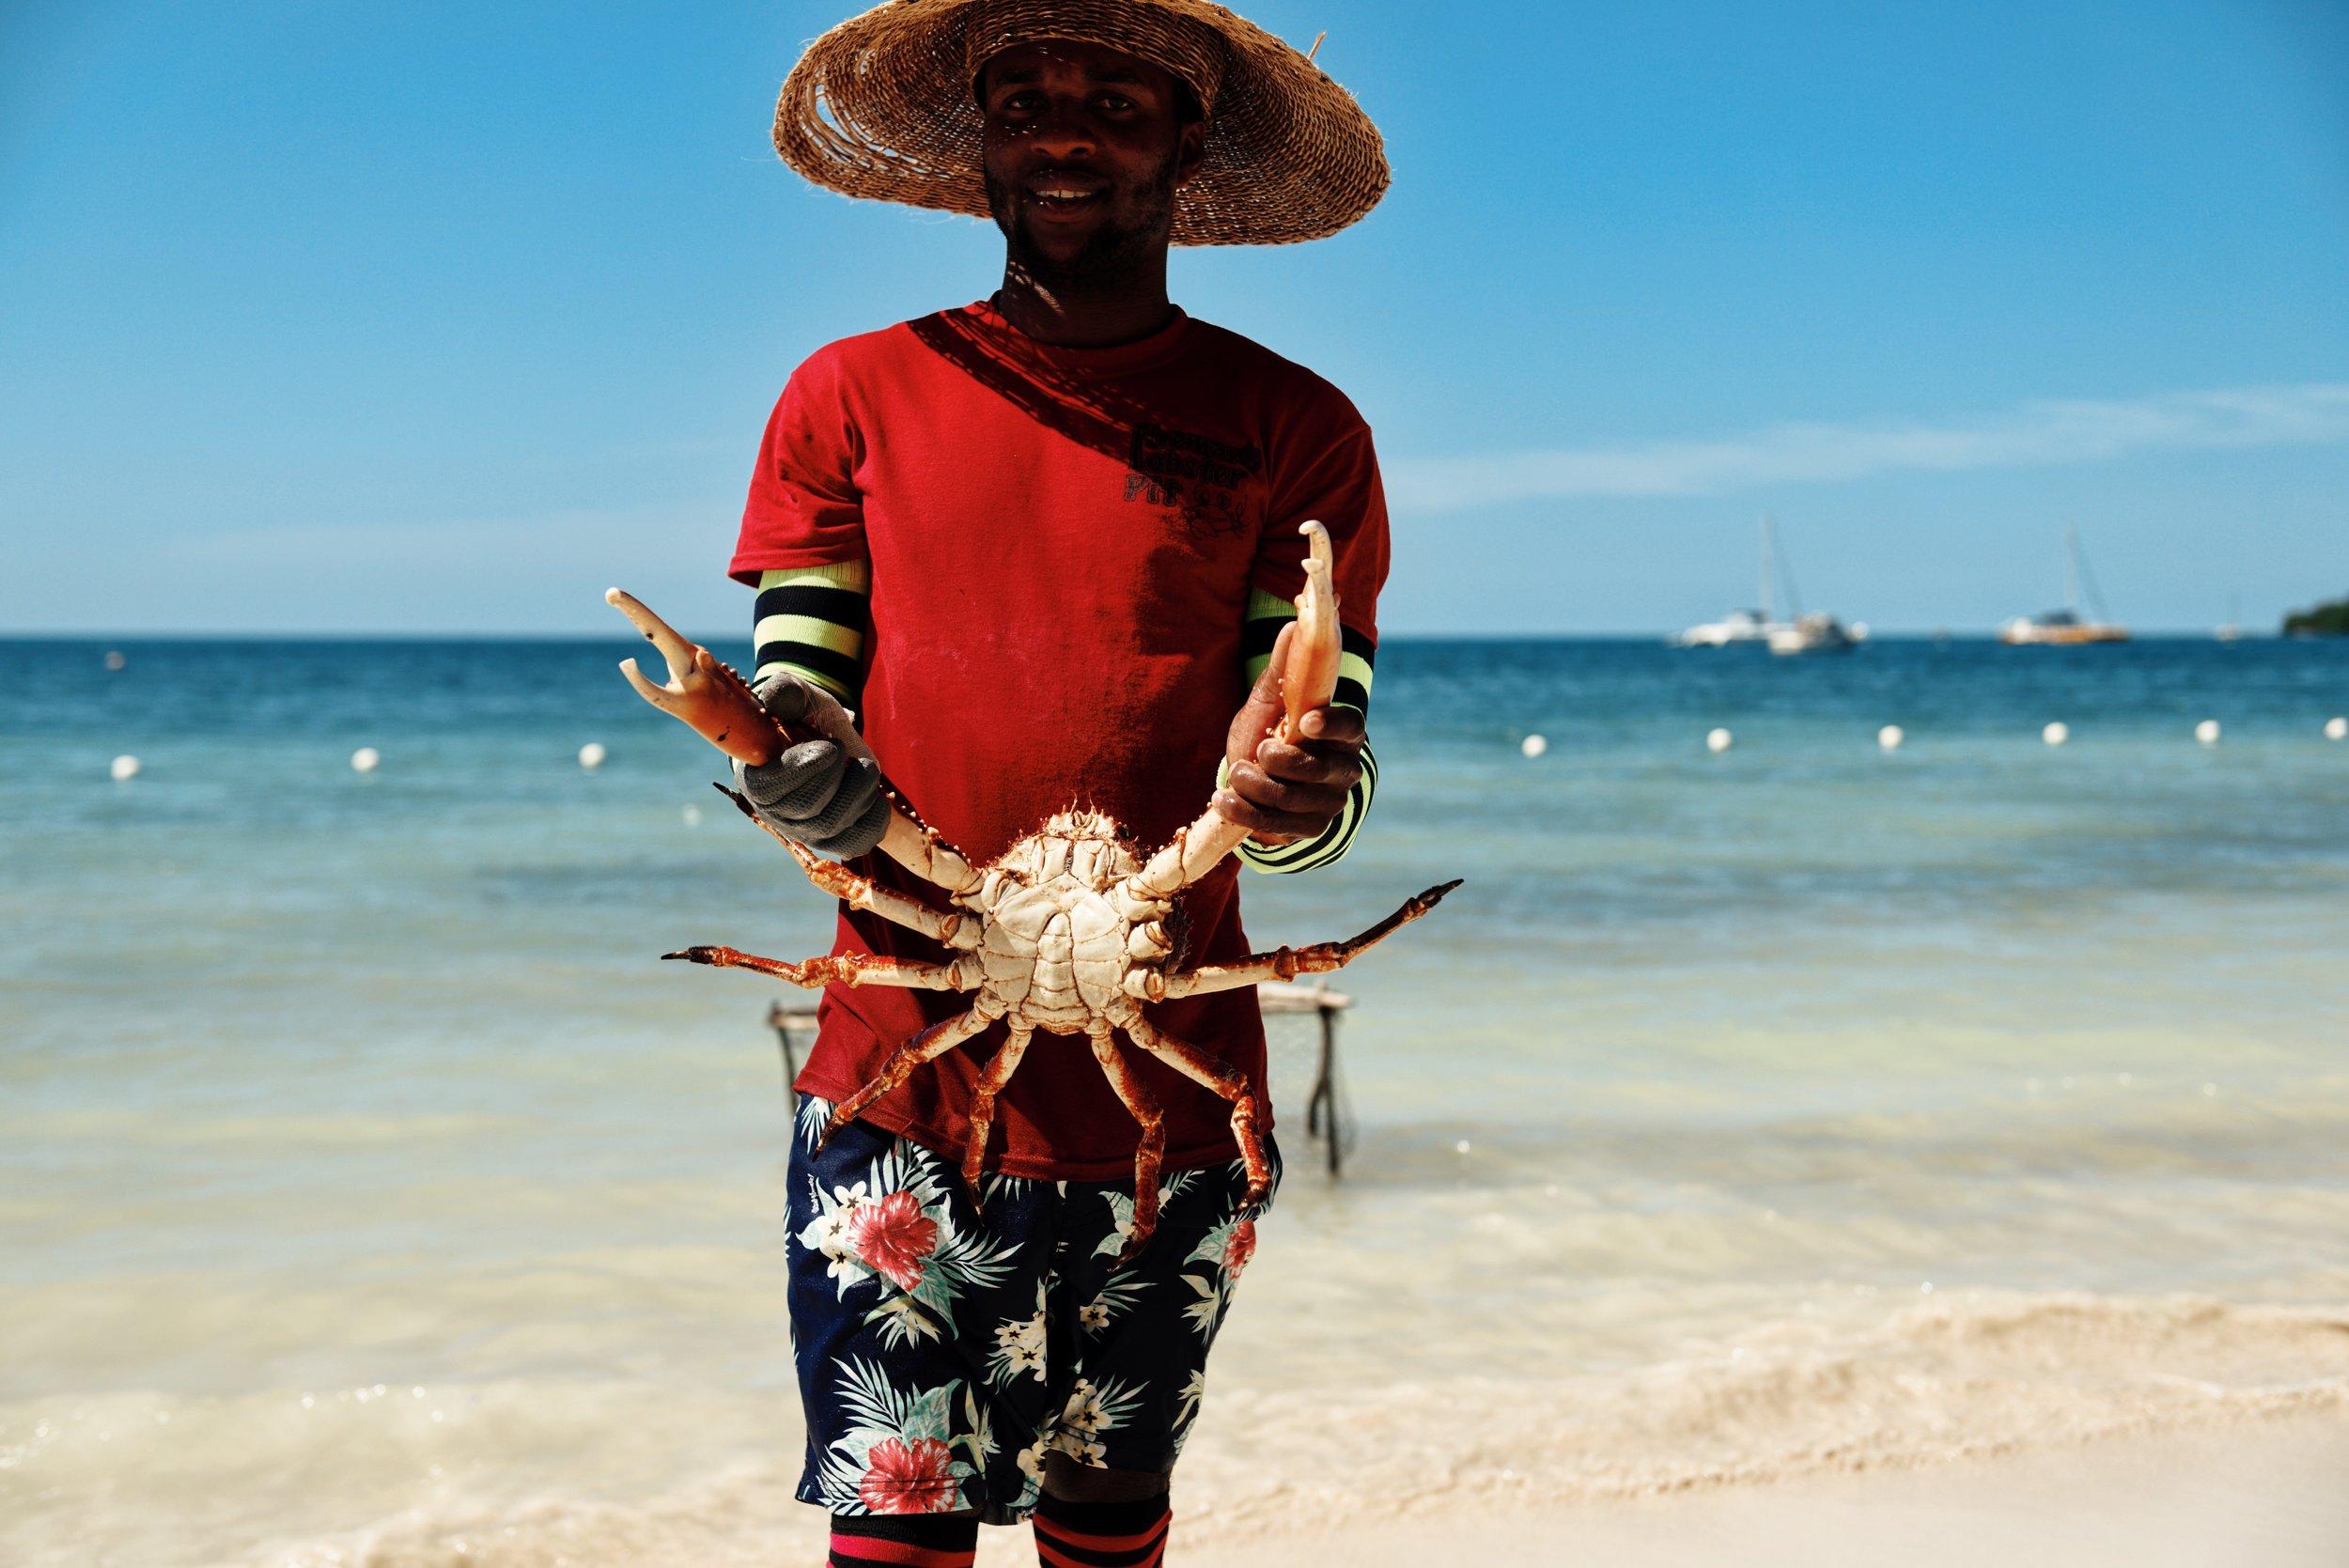 Jamaica crab Negril 7 mile beach